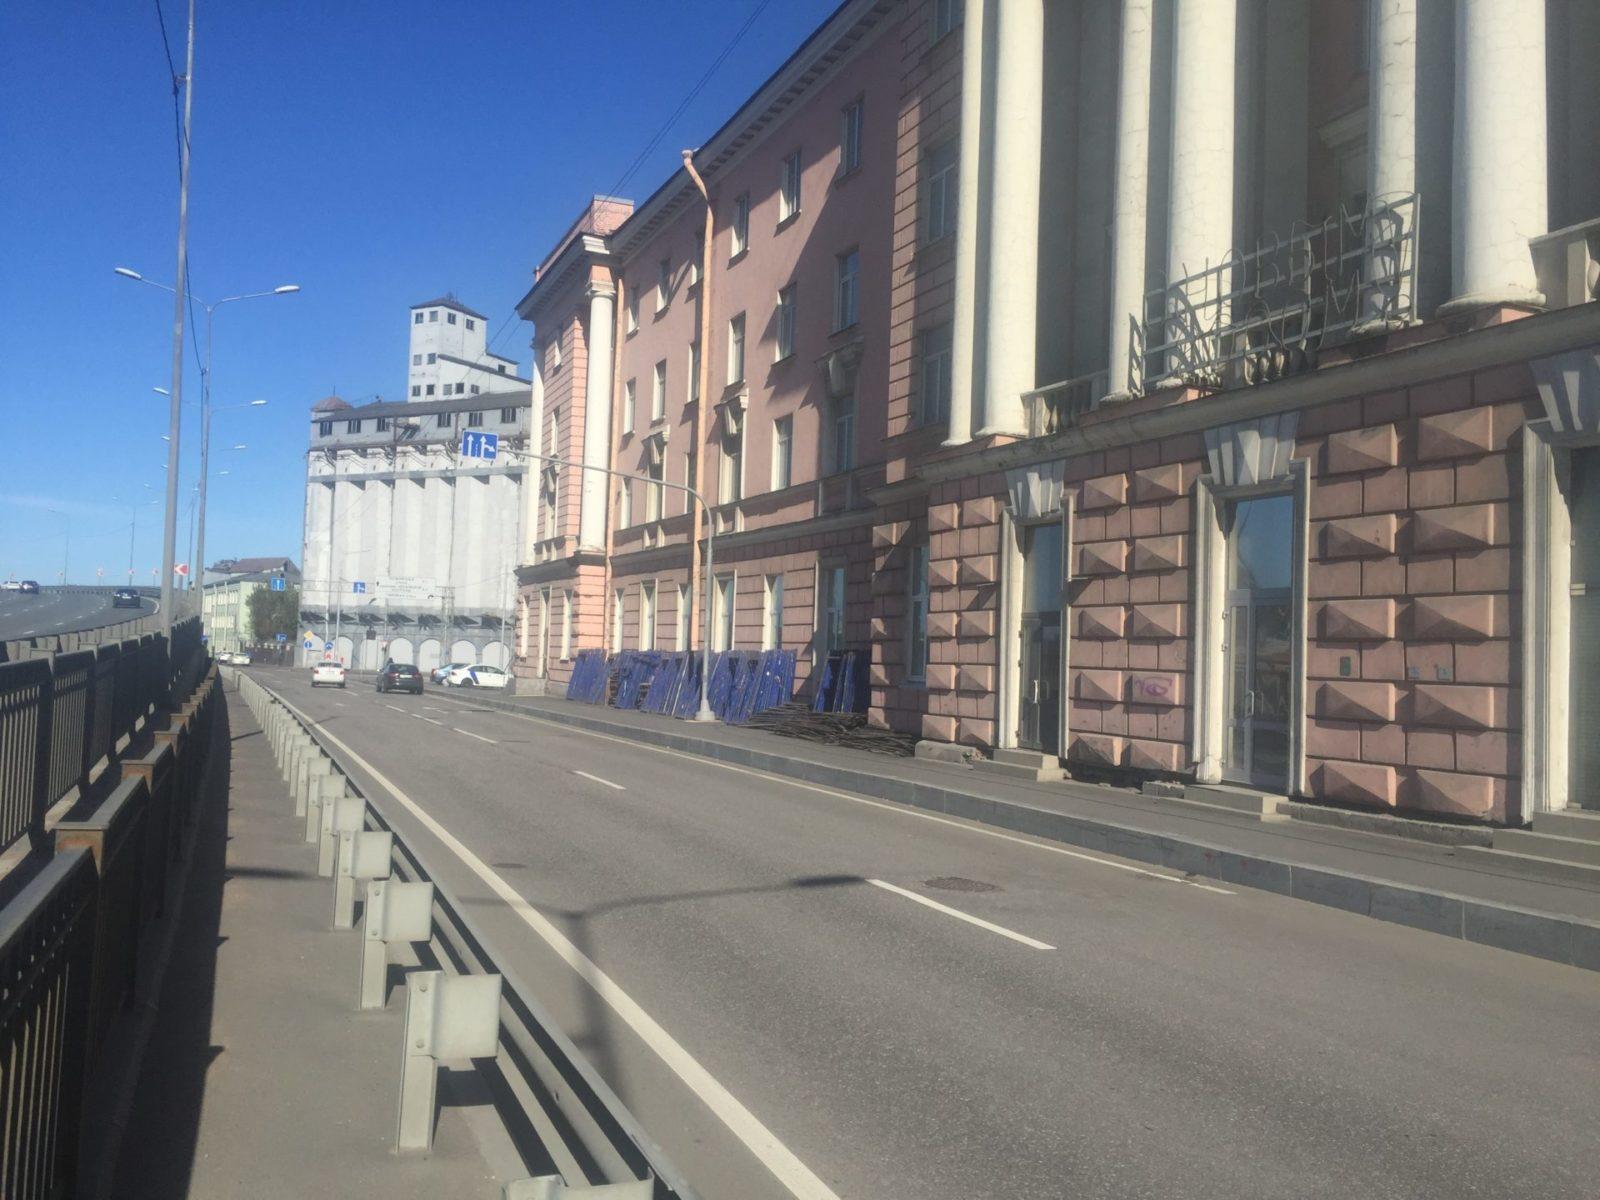 Стоимость ремонта фасада здания на ул. Набережная Обводного канала, д.14 в Санкт-Петербурге